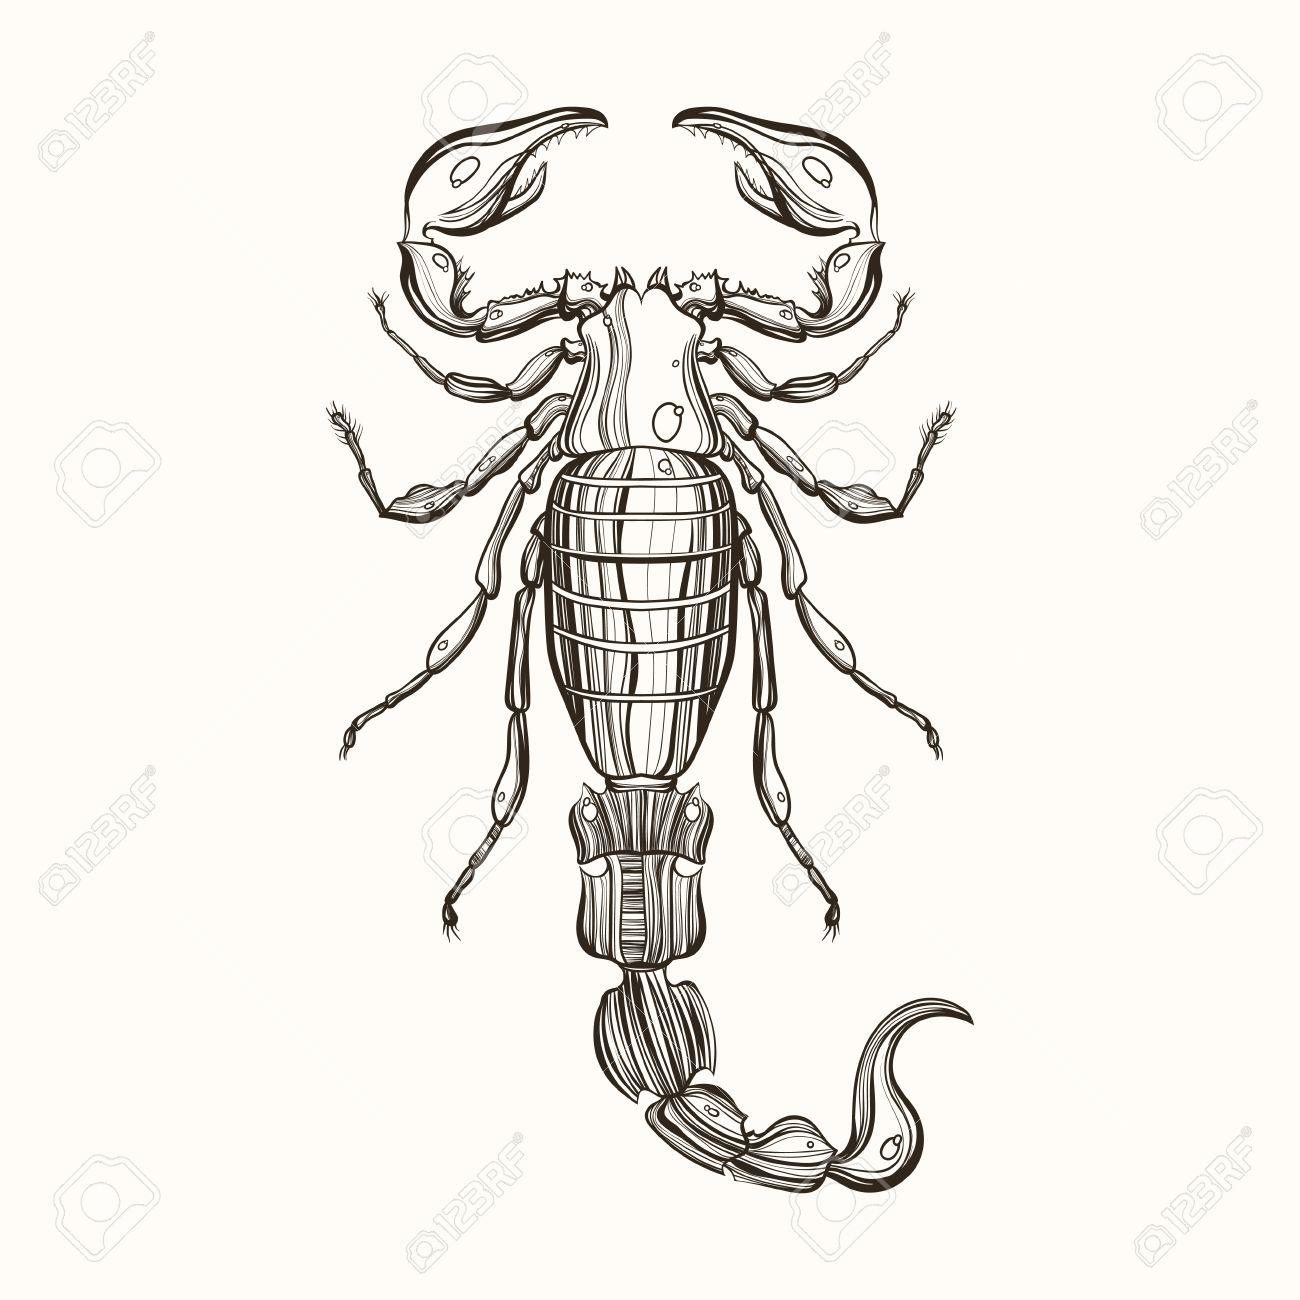 Hand Gezeichnet Gravur Skizze Von Scorpion Vektor Illustration Für